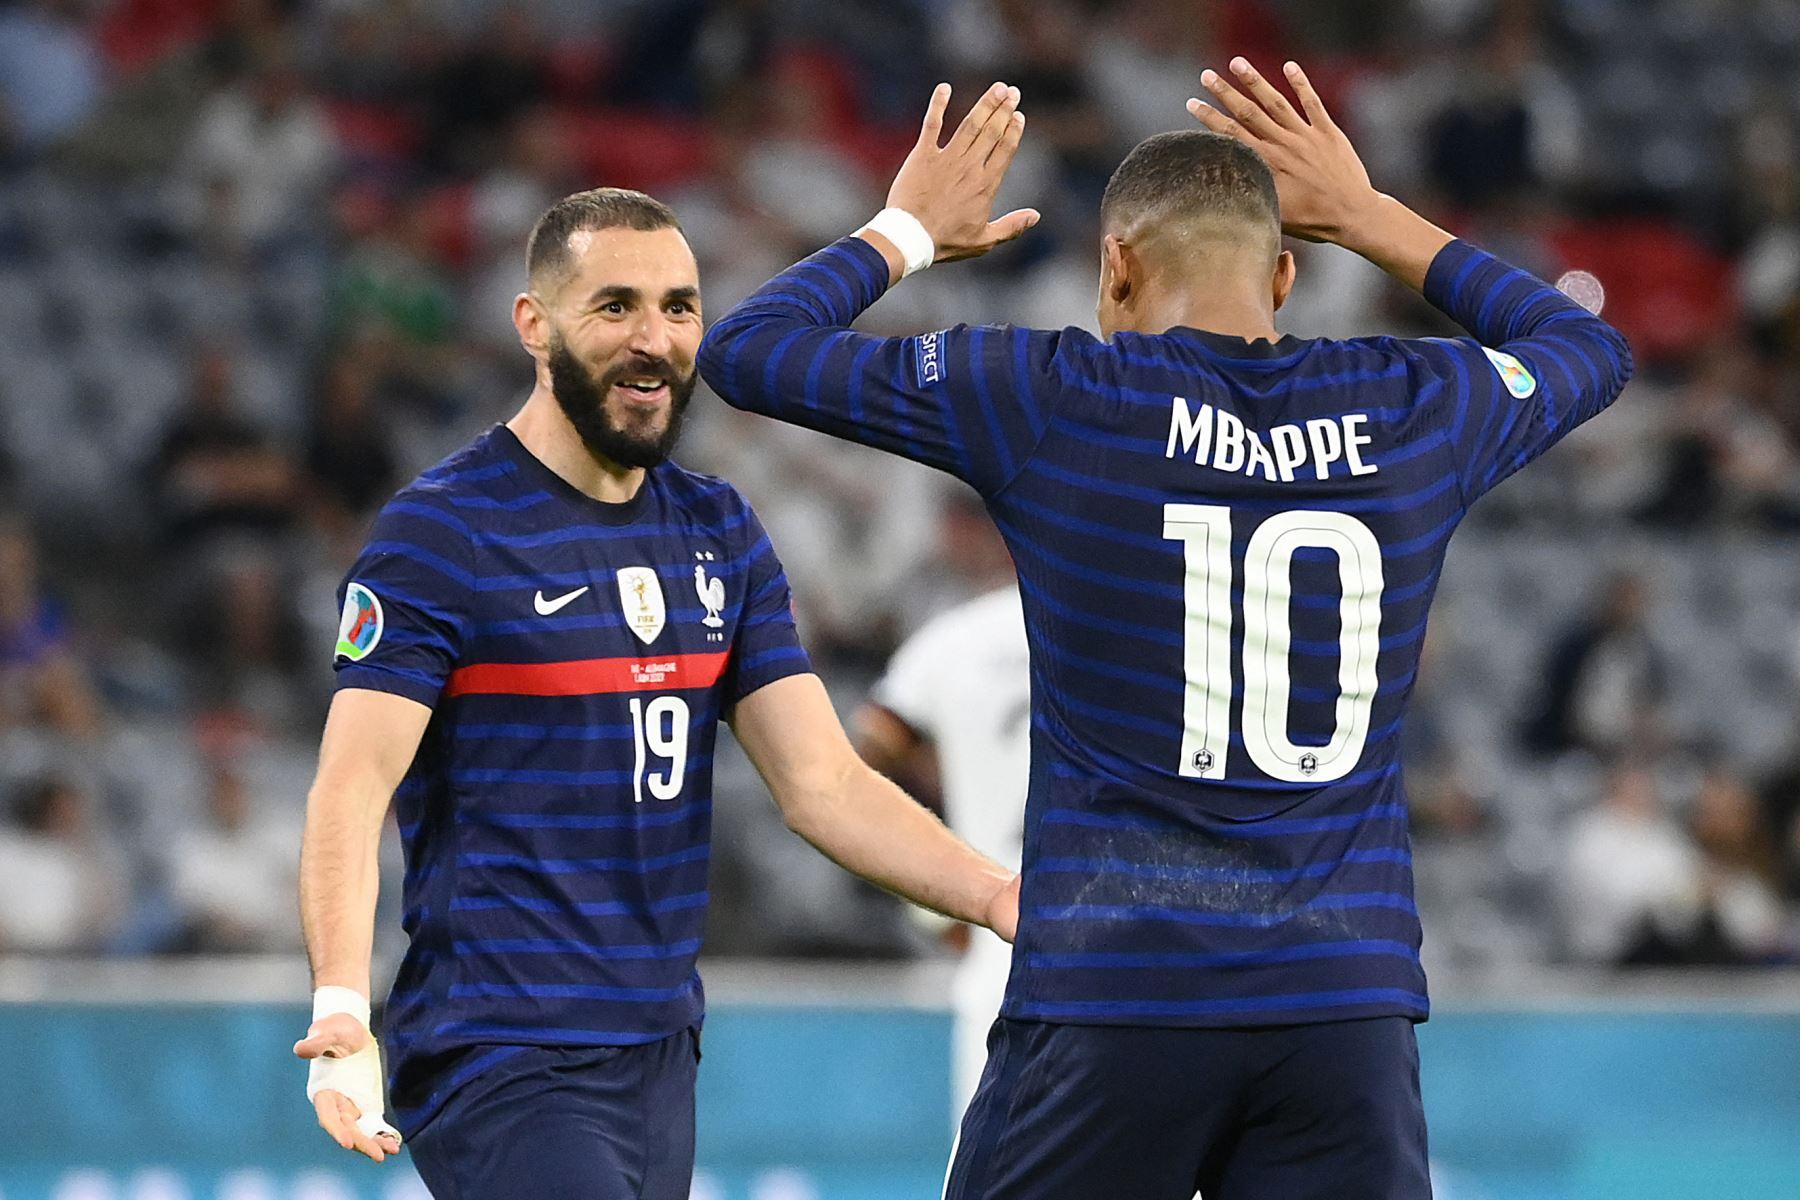 """Benzema: \""""Mbappé jugará un día con el Real. No sé cuándo, pero vendrá\"""""""